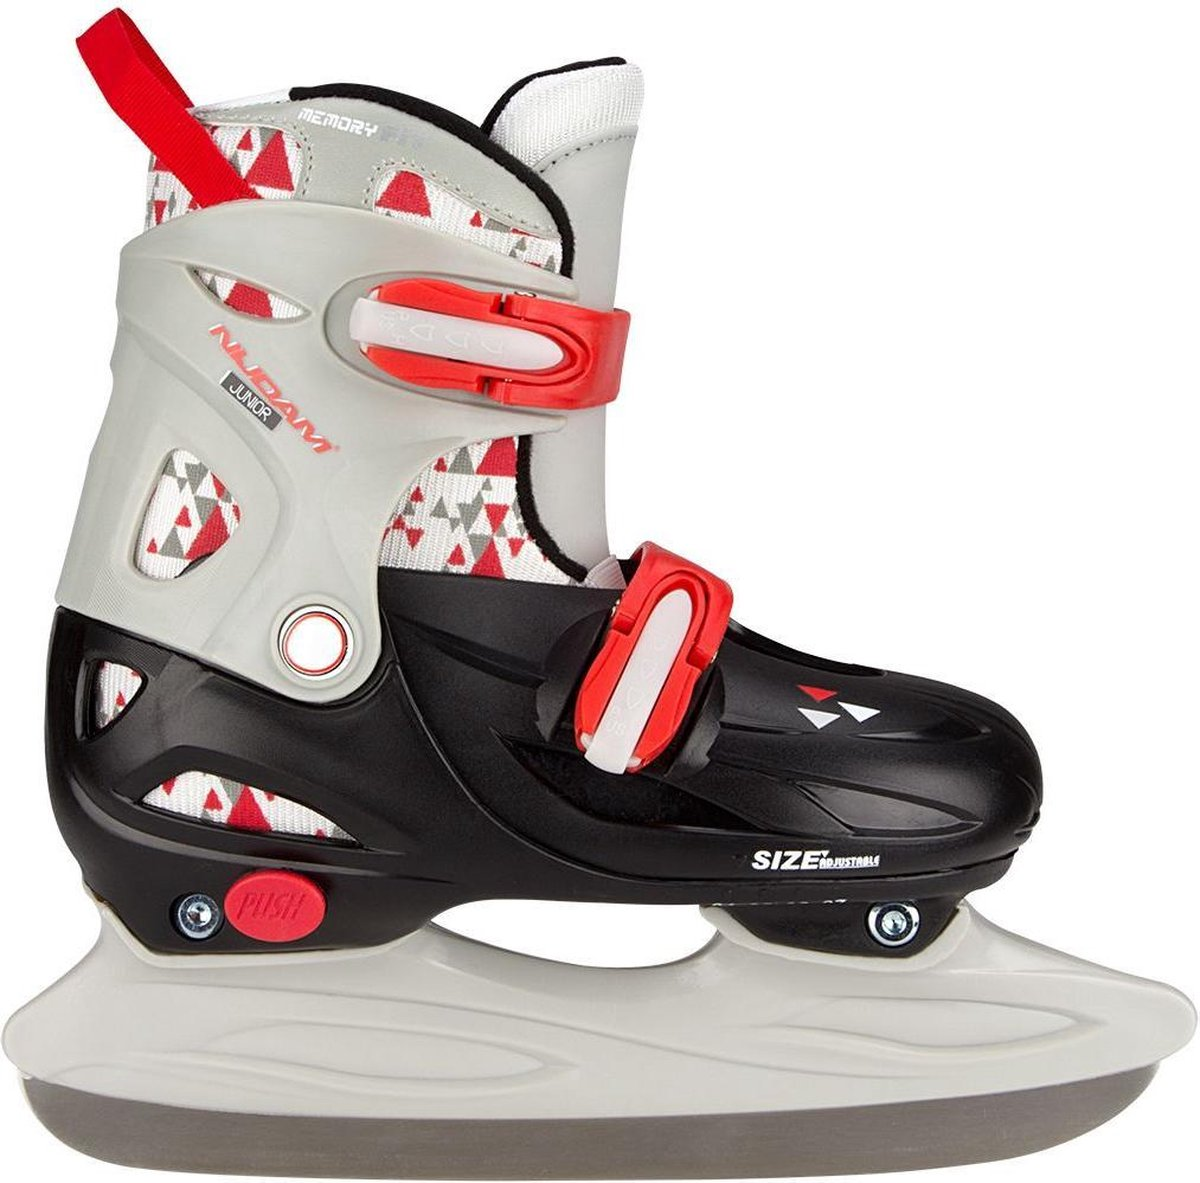 Nijdam IJshockeyschaats Junior Verstelbaar - Hardboot - Zwart/Grijs/Rood - 27-30